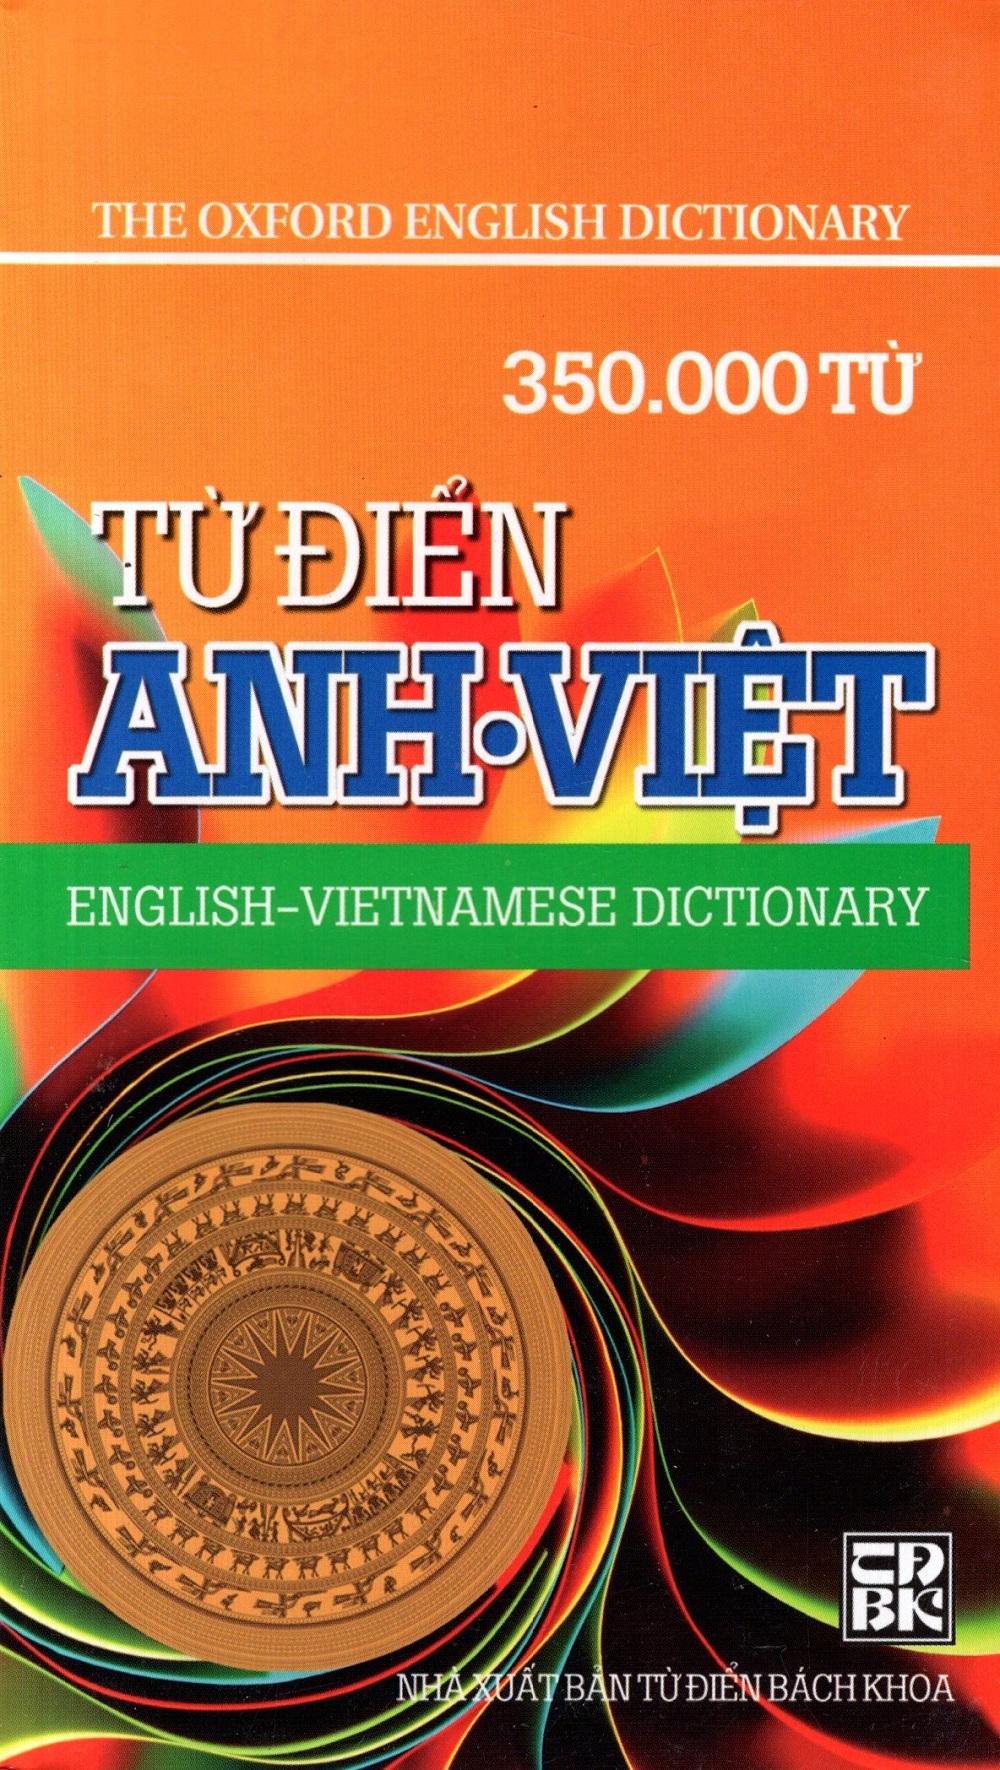 Bìa sách Từ Điển Anh - Việt (350.000 Từ) - Sách Bỏ Túi